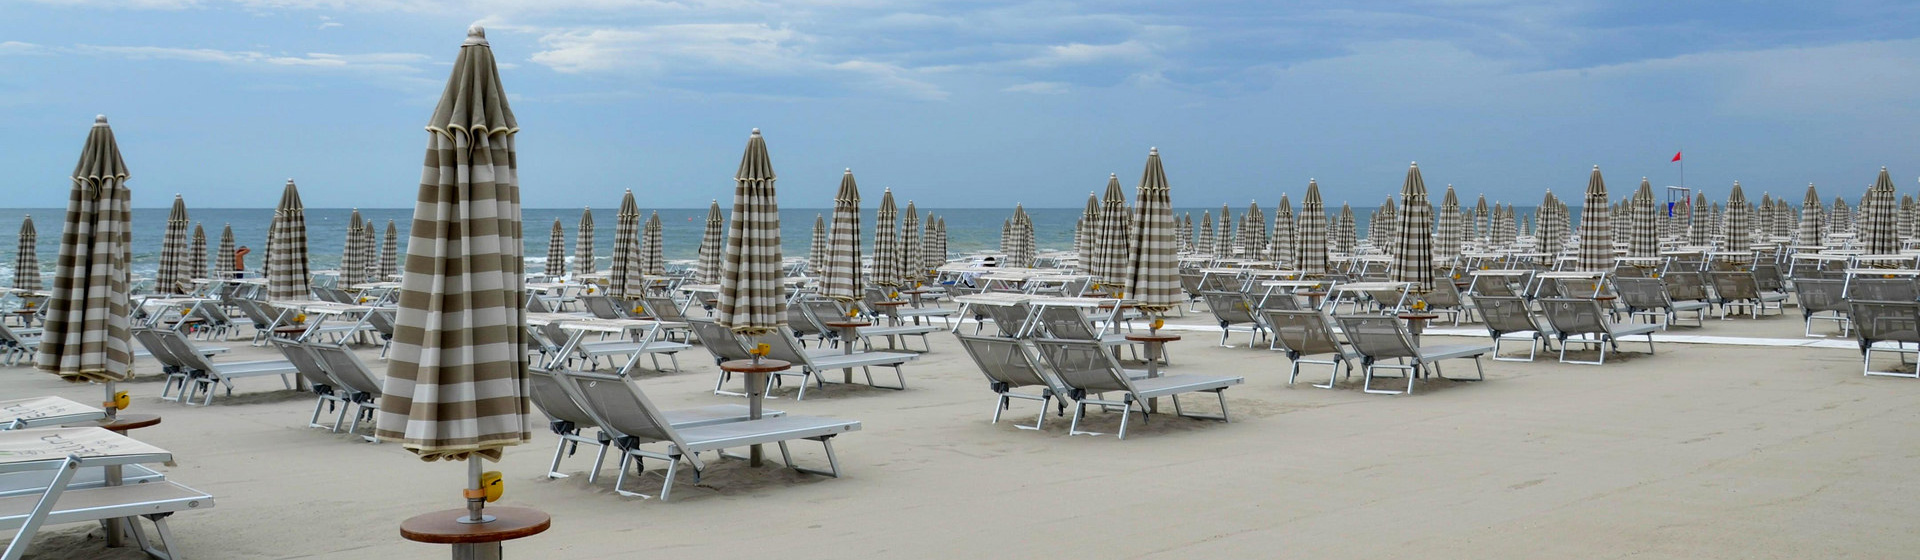 spiaggia-ombrelloni